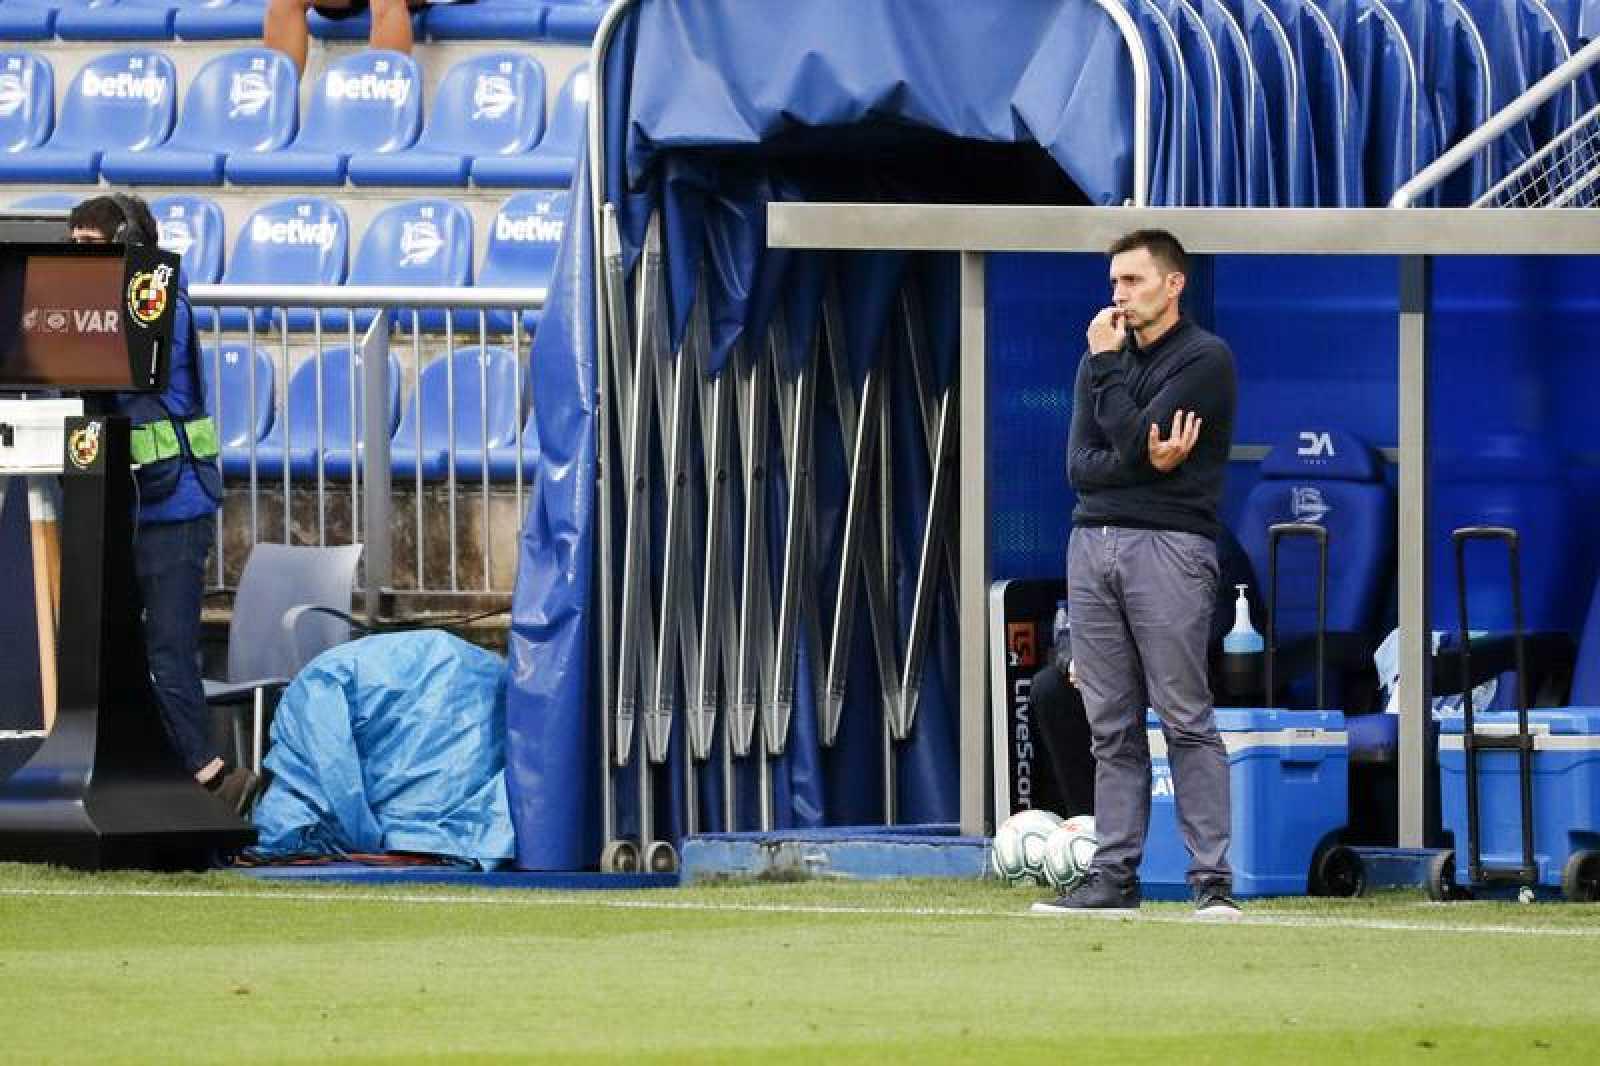 El entrenador del Alavés, Asier Garitano, durante el partido de su equipo ante el Granada